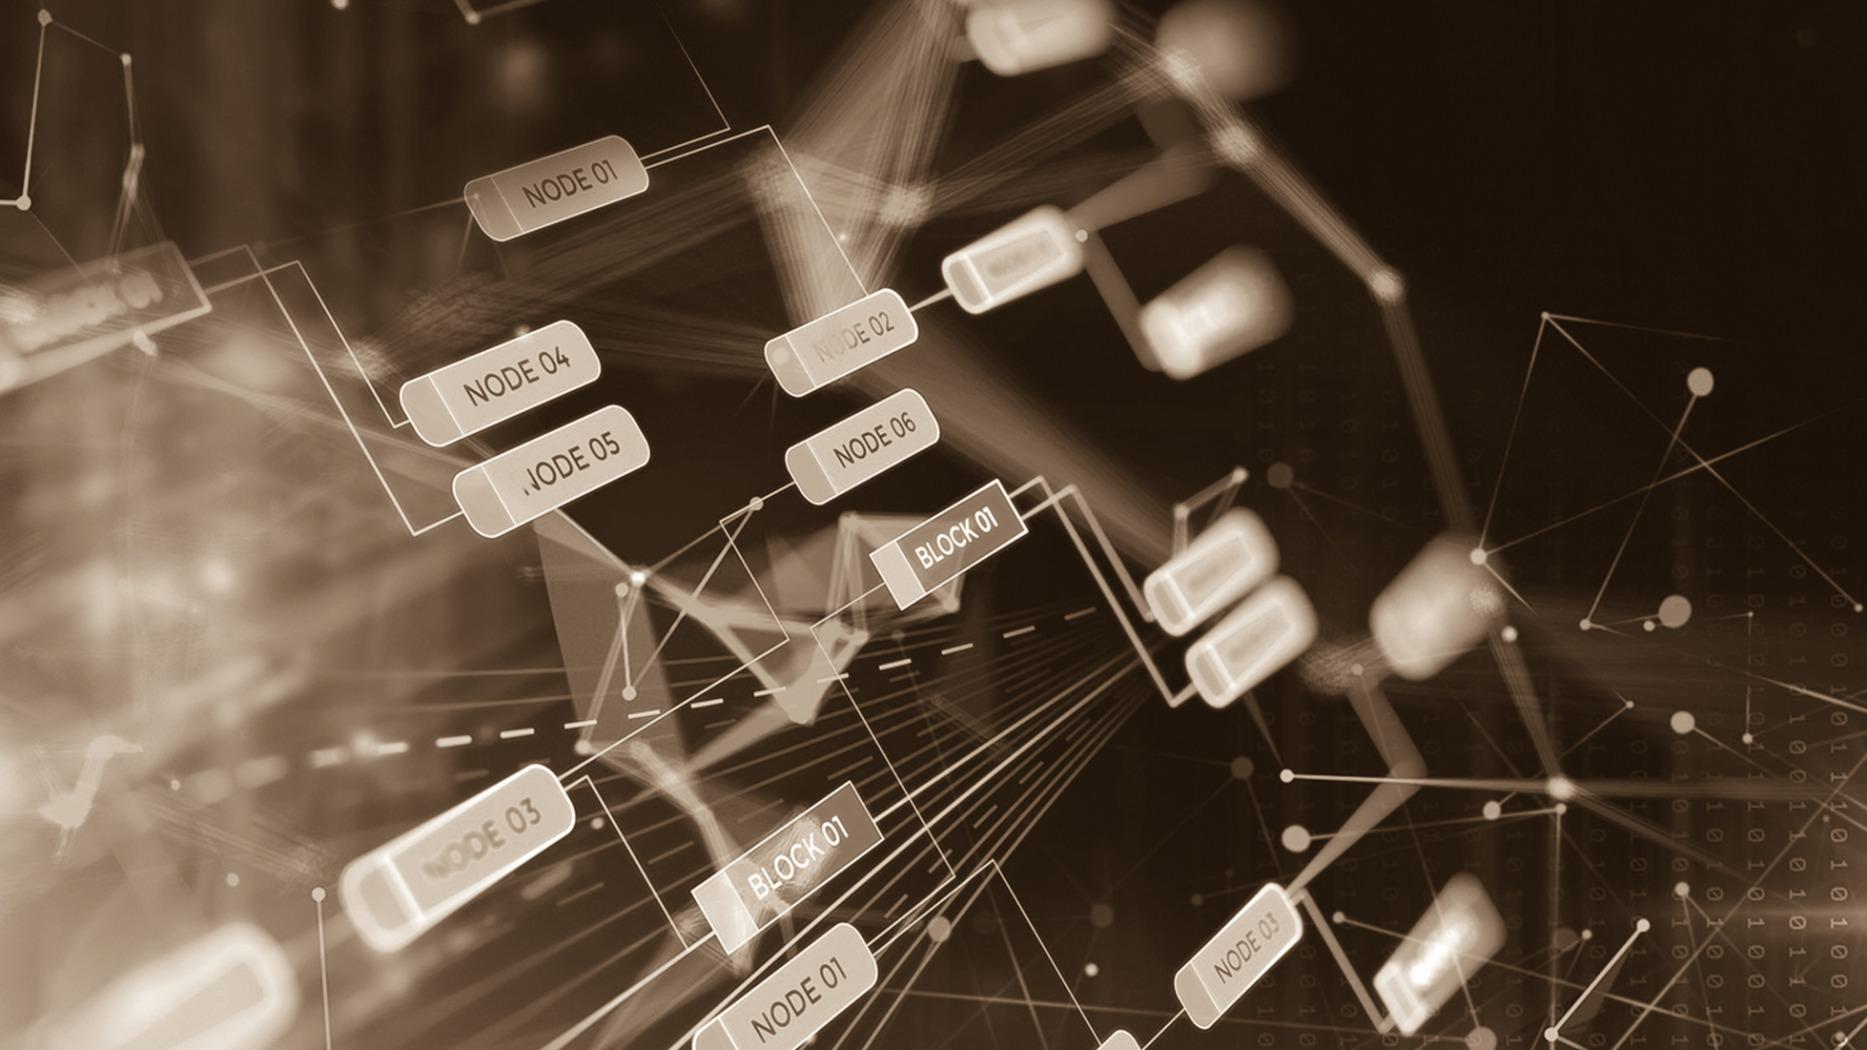 Blockchain per il lusso - Blockchain per il lusso: Luxochain lancia la nuova sfida dopo la finanza